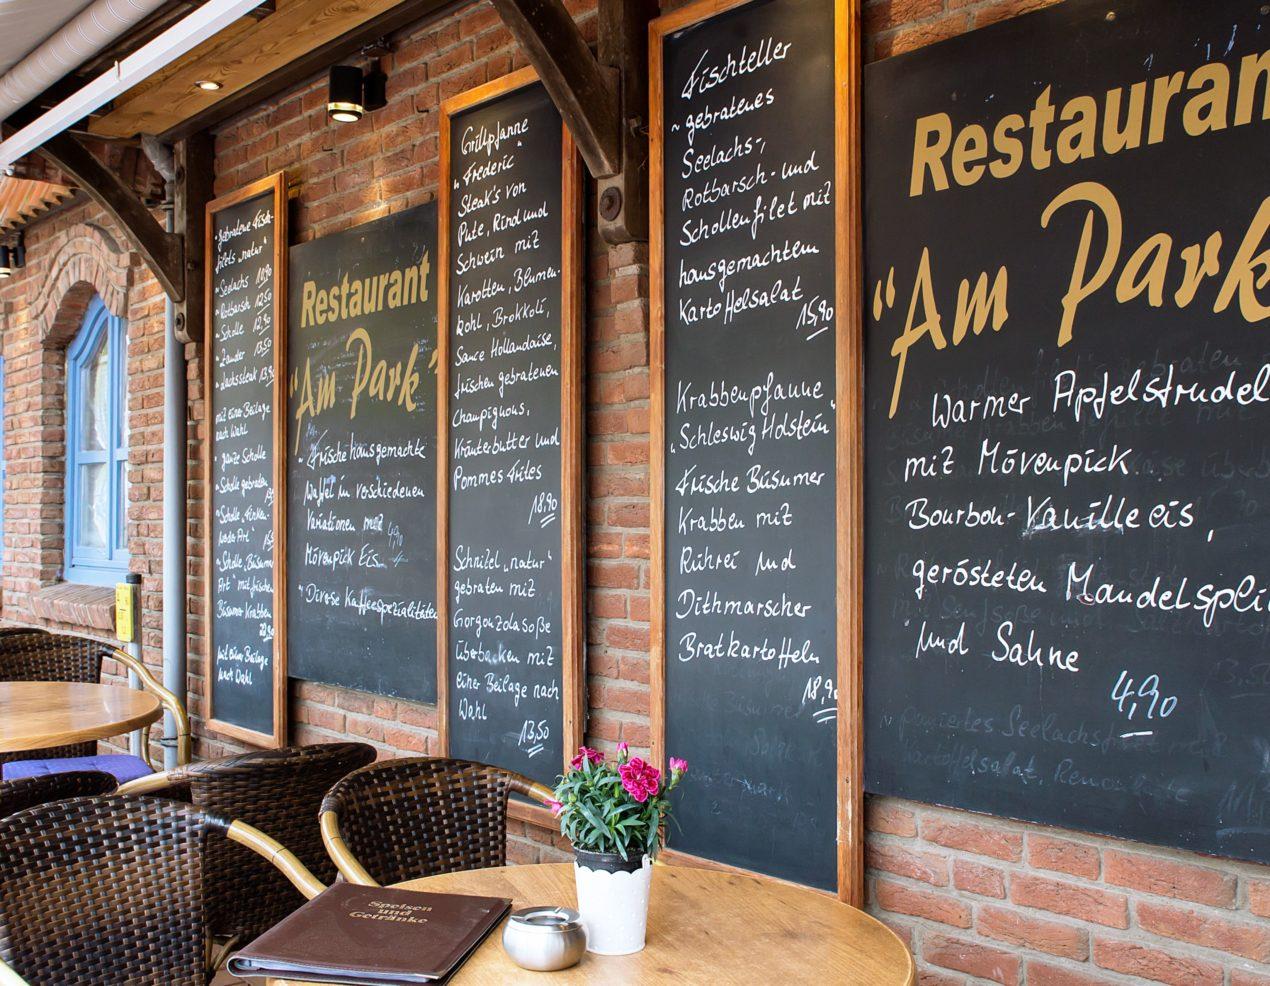 cafemitrestaurantampark_foto_15Galerie